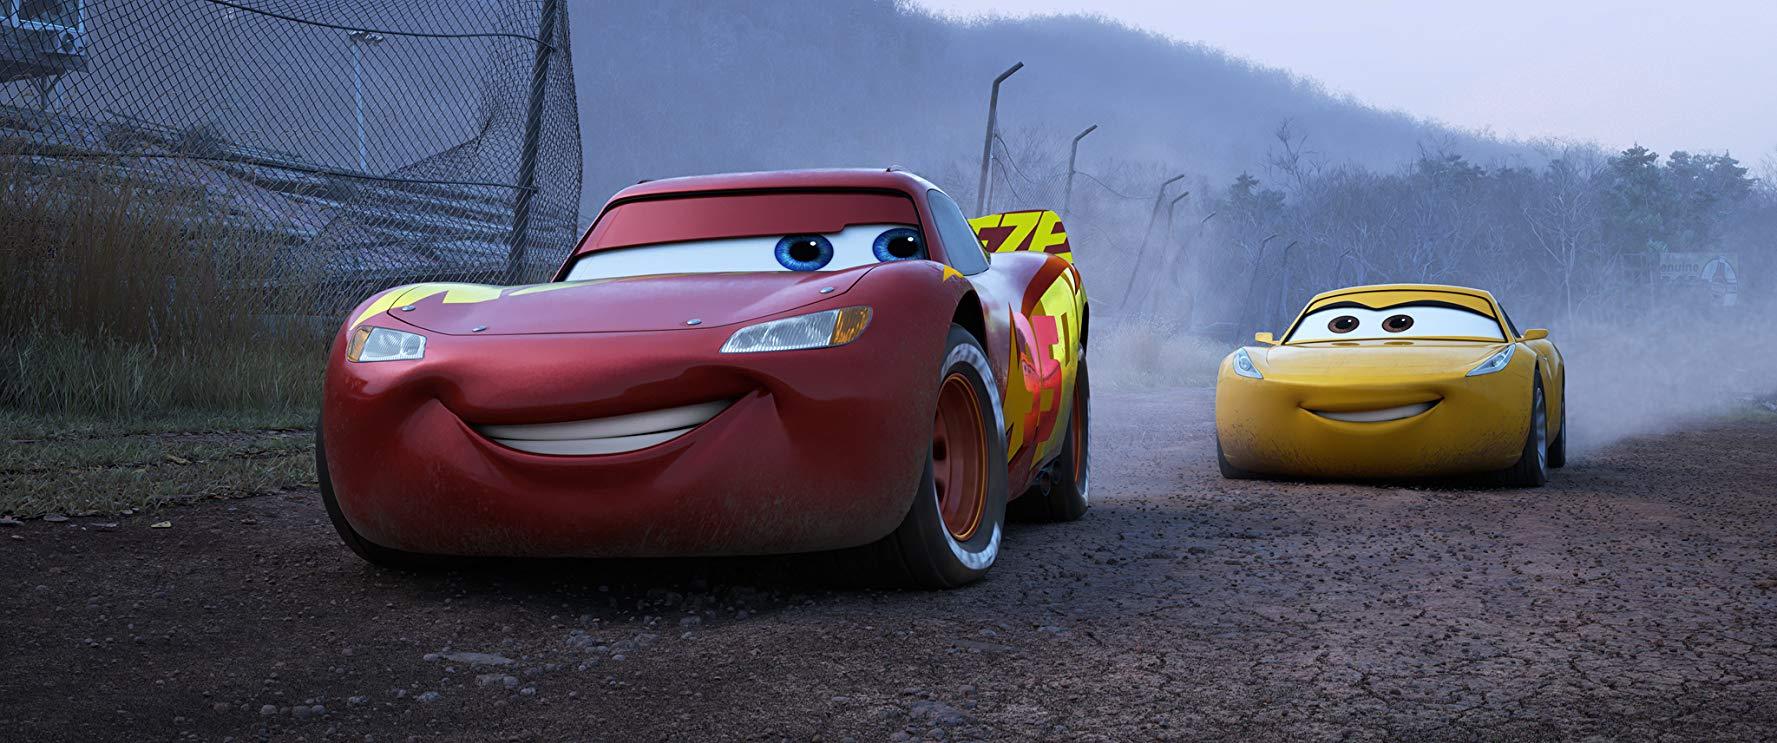 Reseña de la película Cars 3